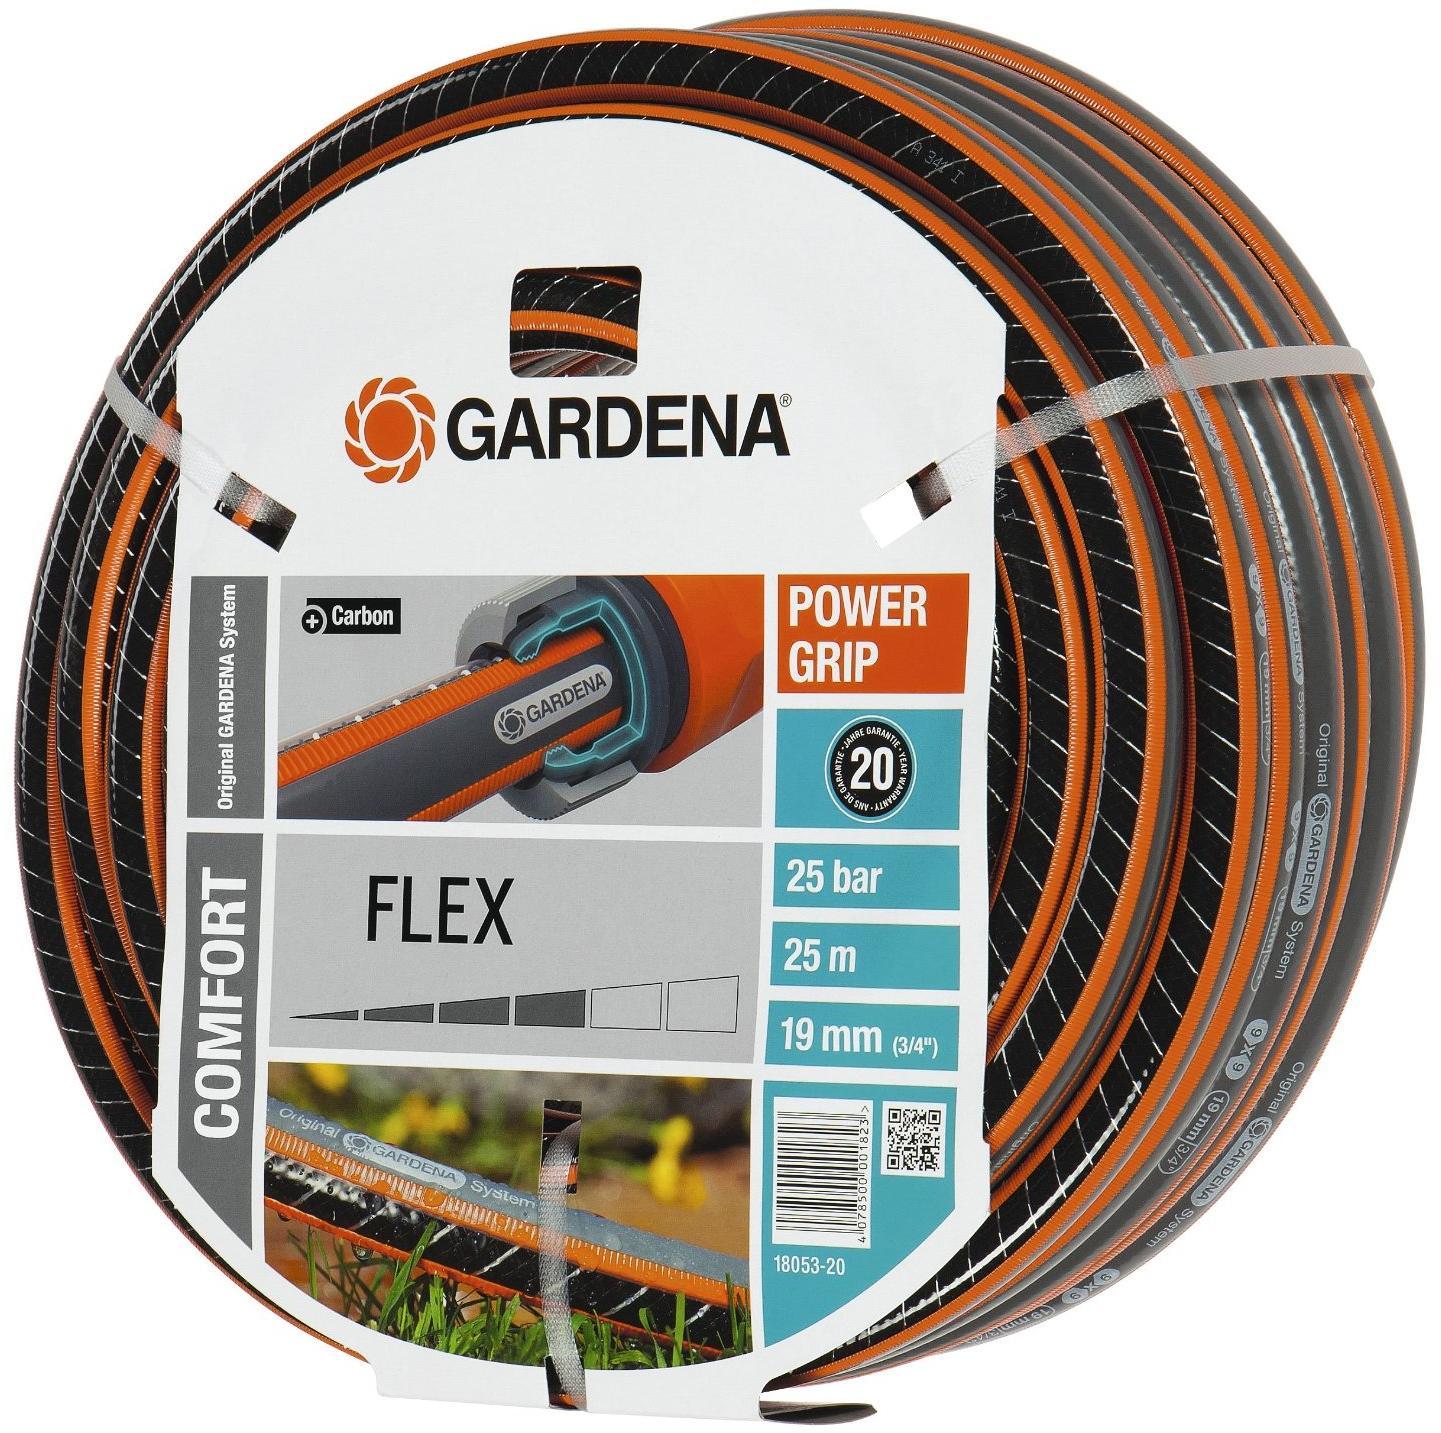 comfort flex schlauch gardena 18053 20 19 mm 3 4 25m von gardena bei elektroshop wagner. Black Bedroom Furniture Sets. Home Design Ideas